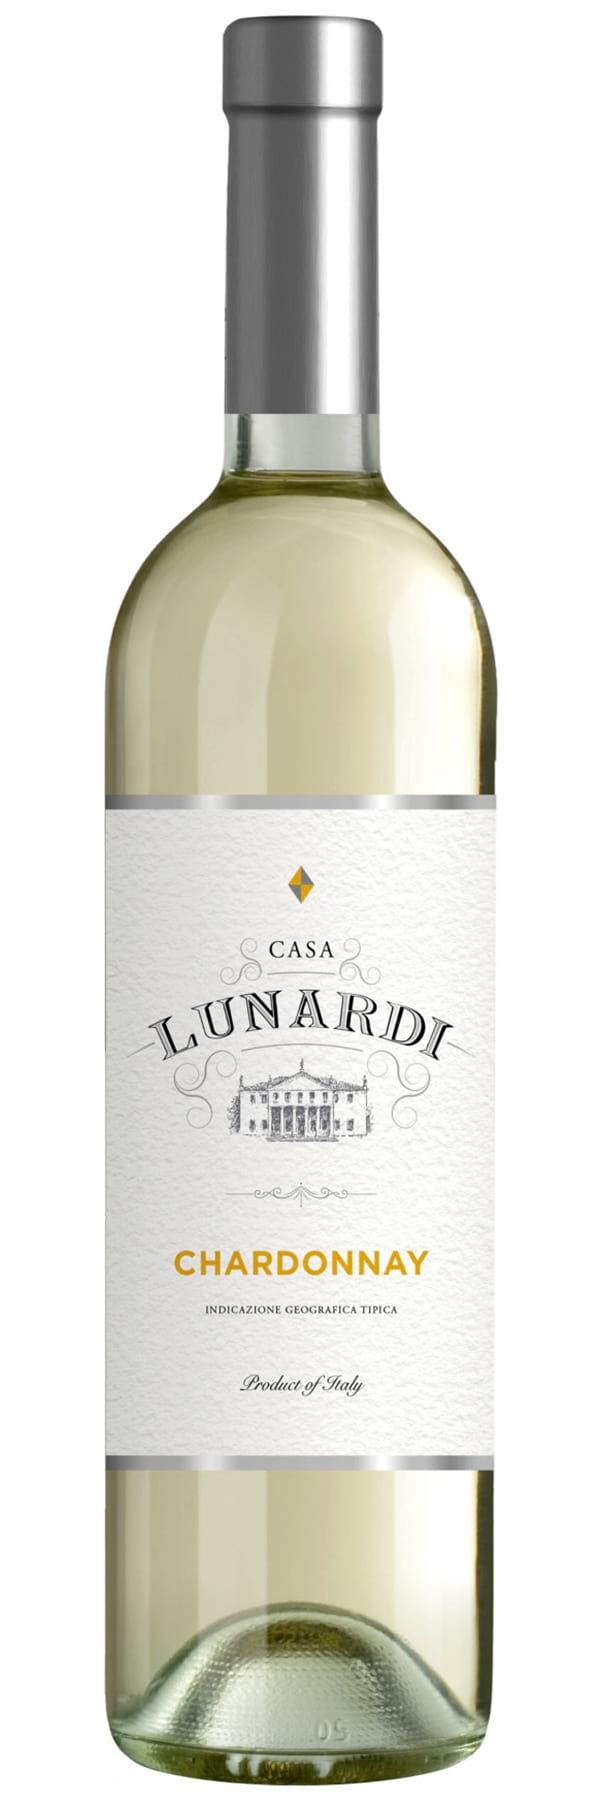 2016 Casa Lunardi Chardonnay фото